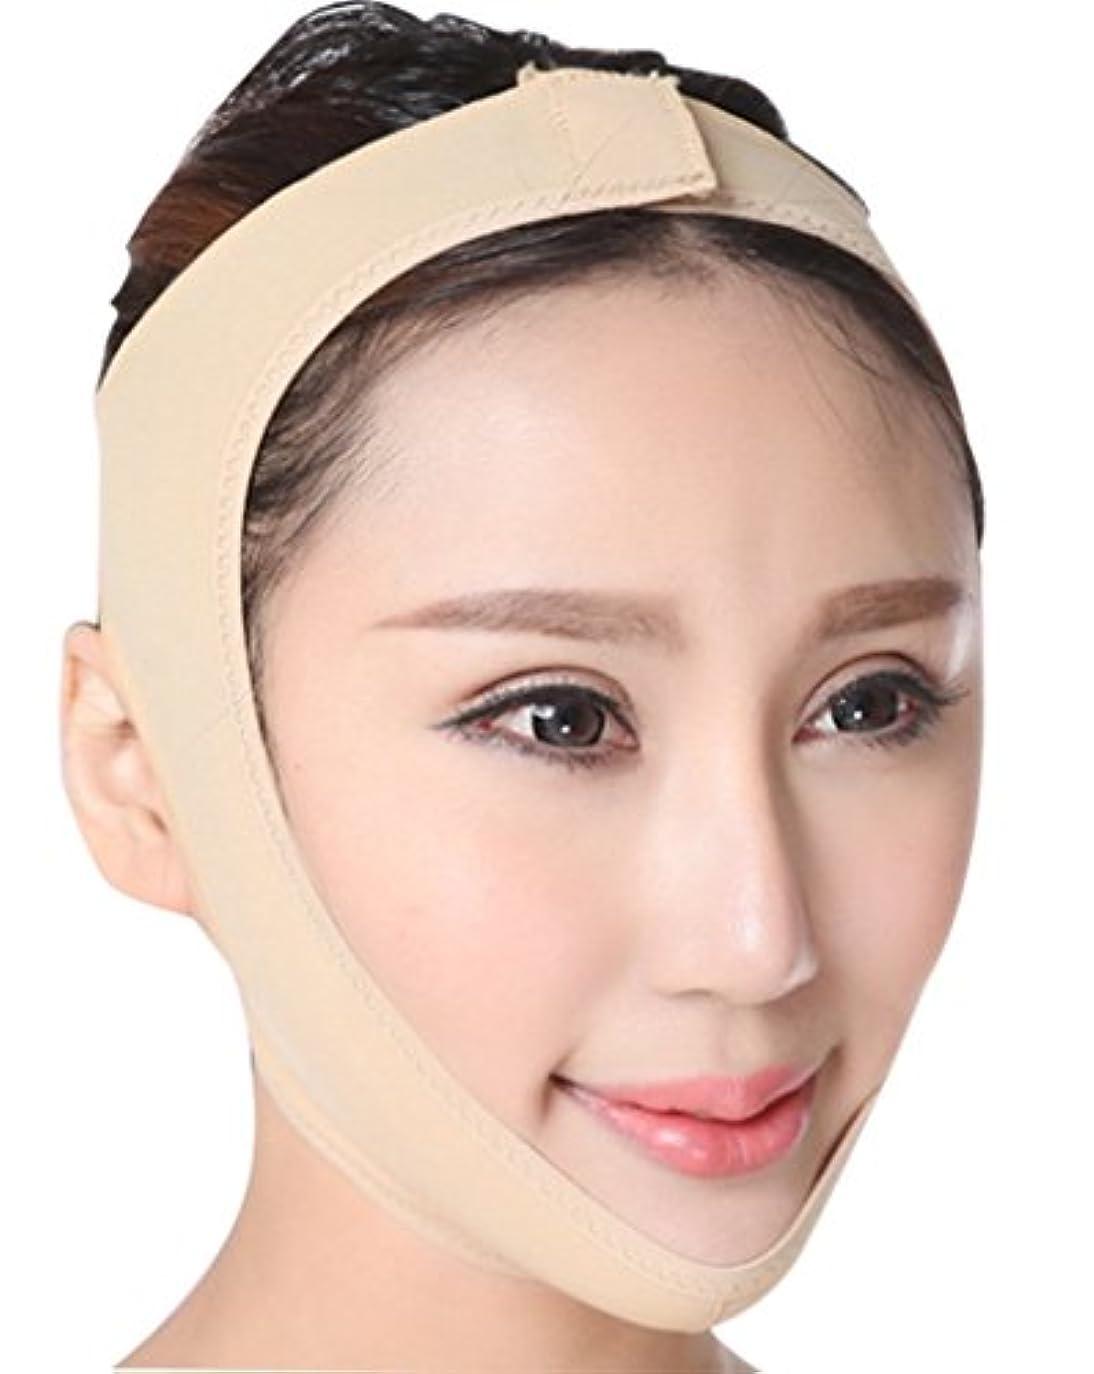 資料征服するディスカウントフェイスラインベルト M/L/XLサイズ 抗シワ 額、顎下、頬リフトアップ 小顔 美顔 頬のたるみ 引き上げマスク M